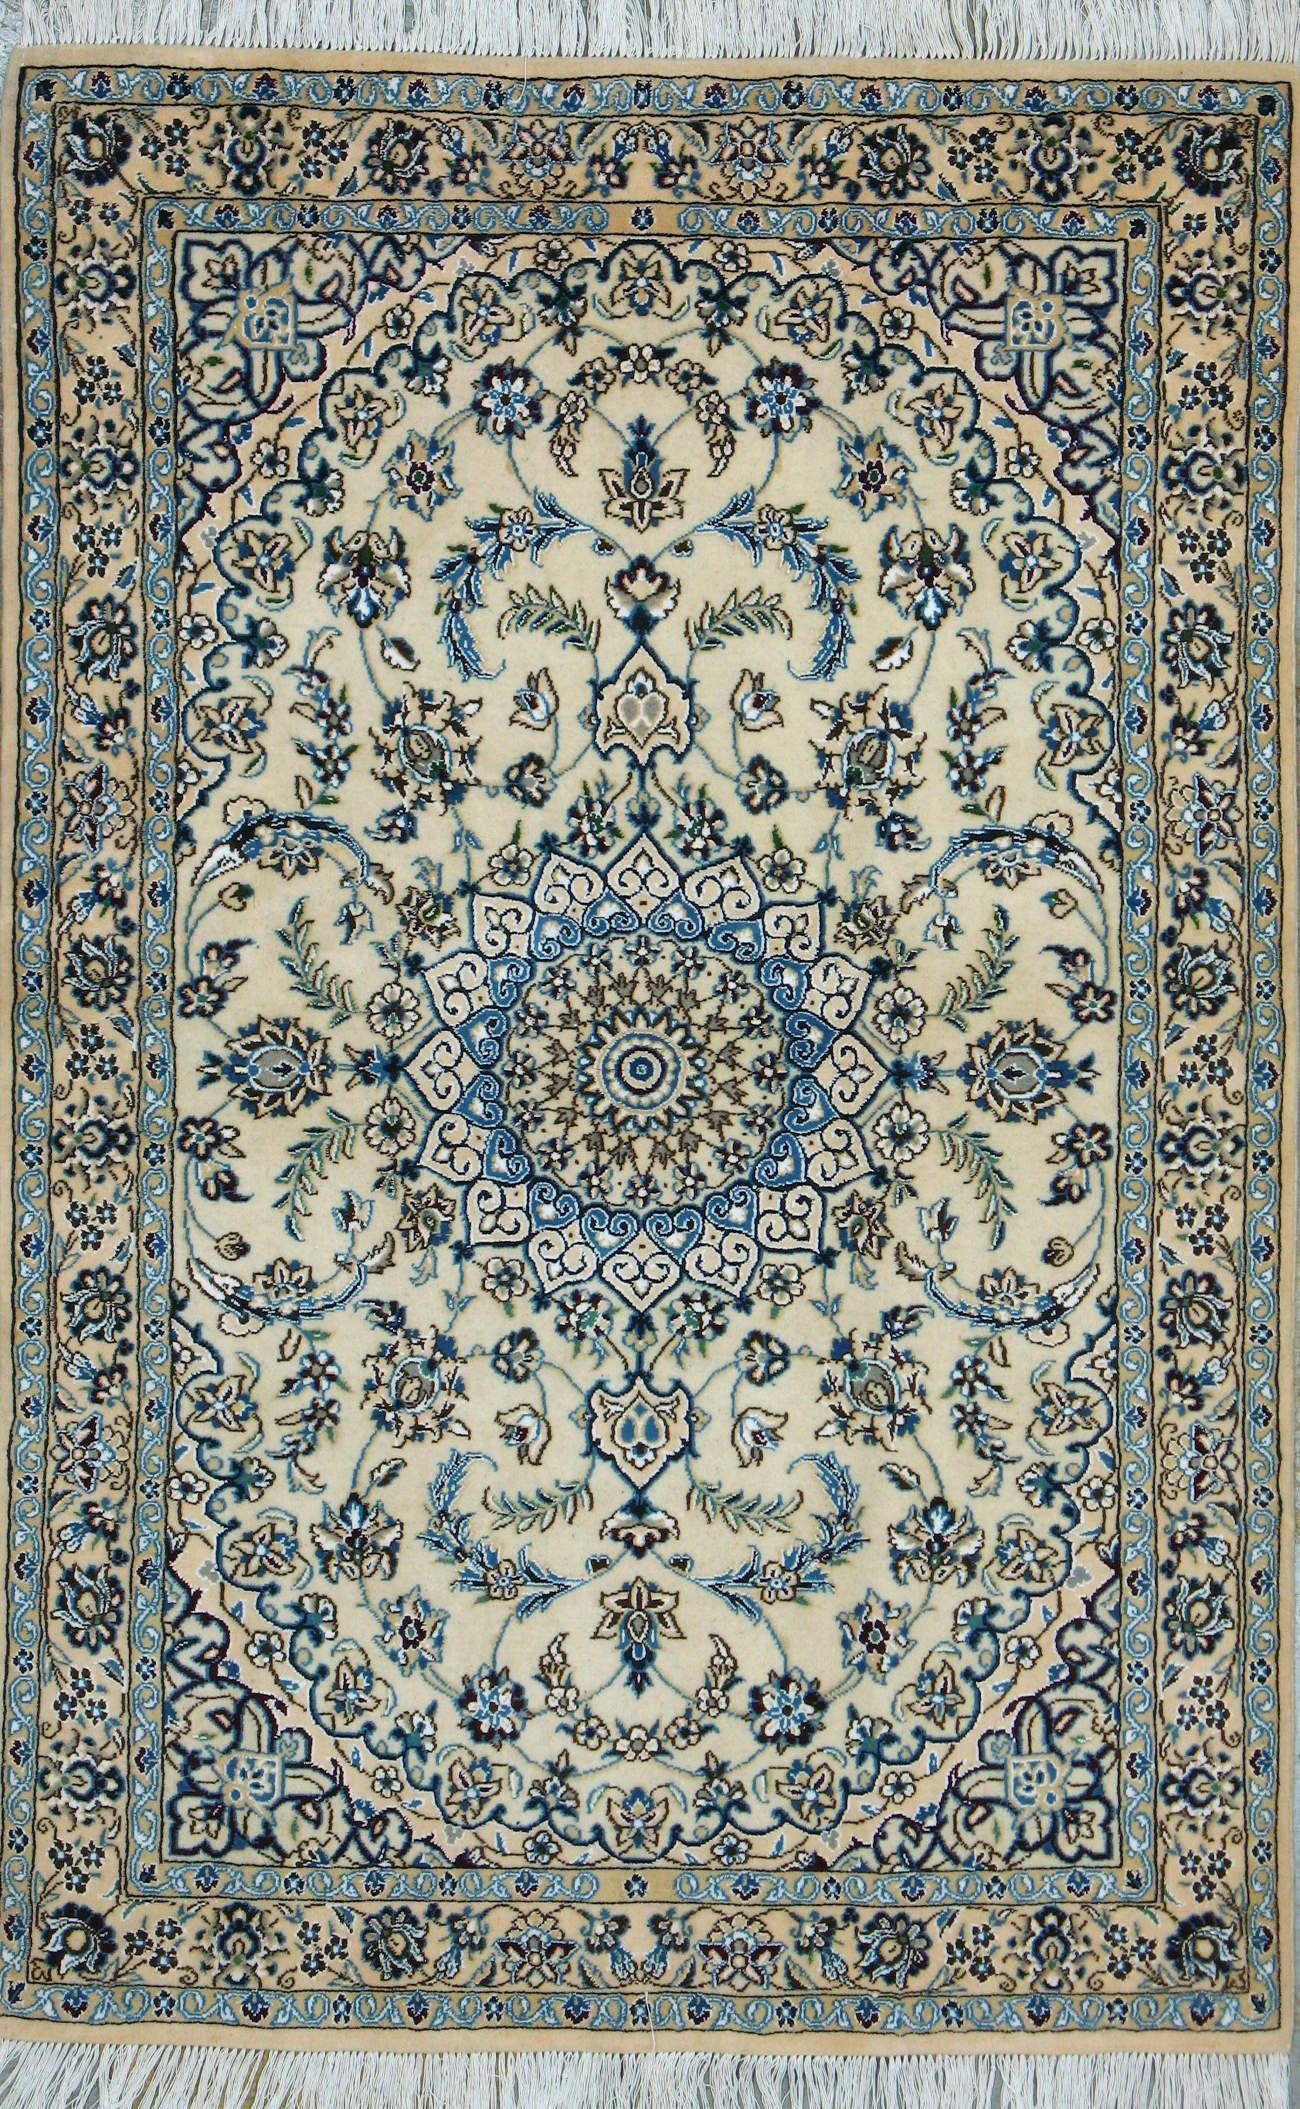 Buy Nain Persian Rug 3 39 9 Quot X 5 39 8 Quot Authentic Nain Handmade Rug Persian Rug Rugs